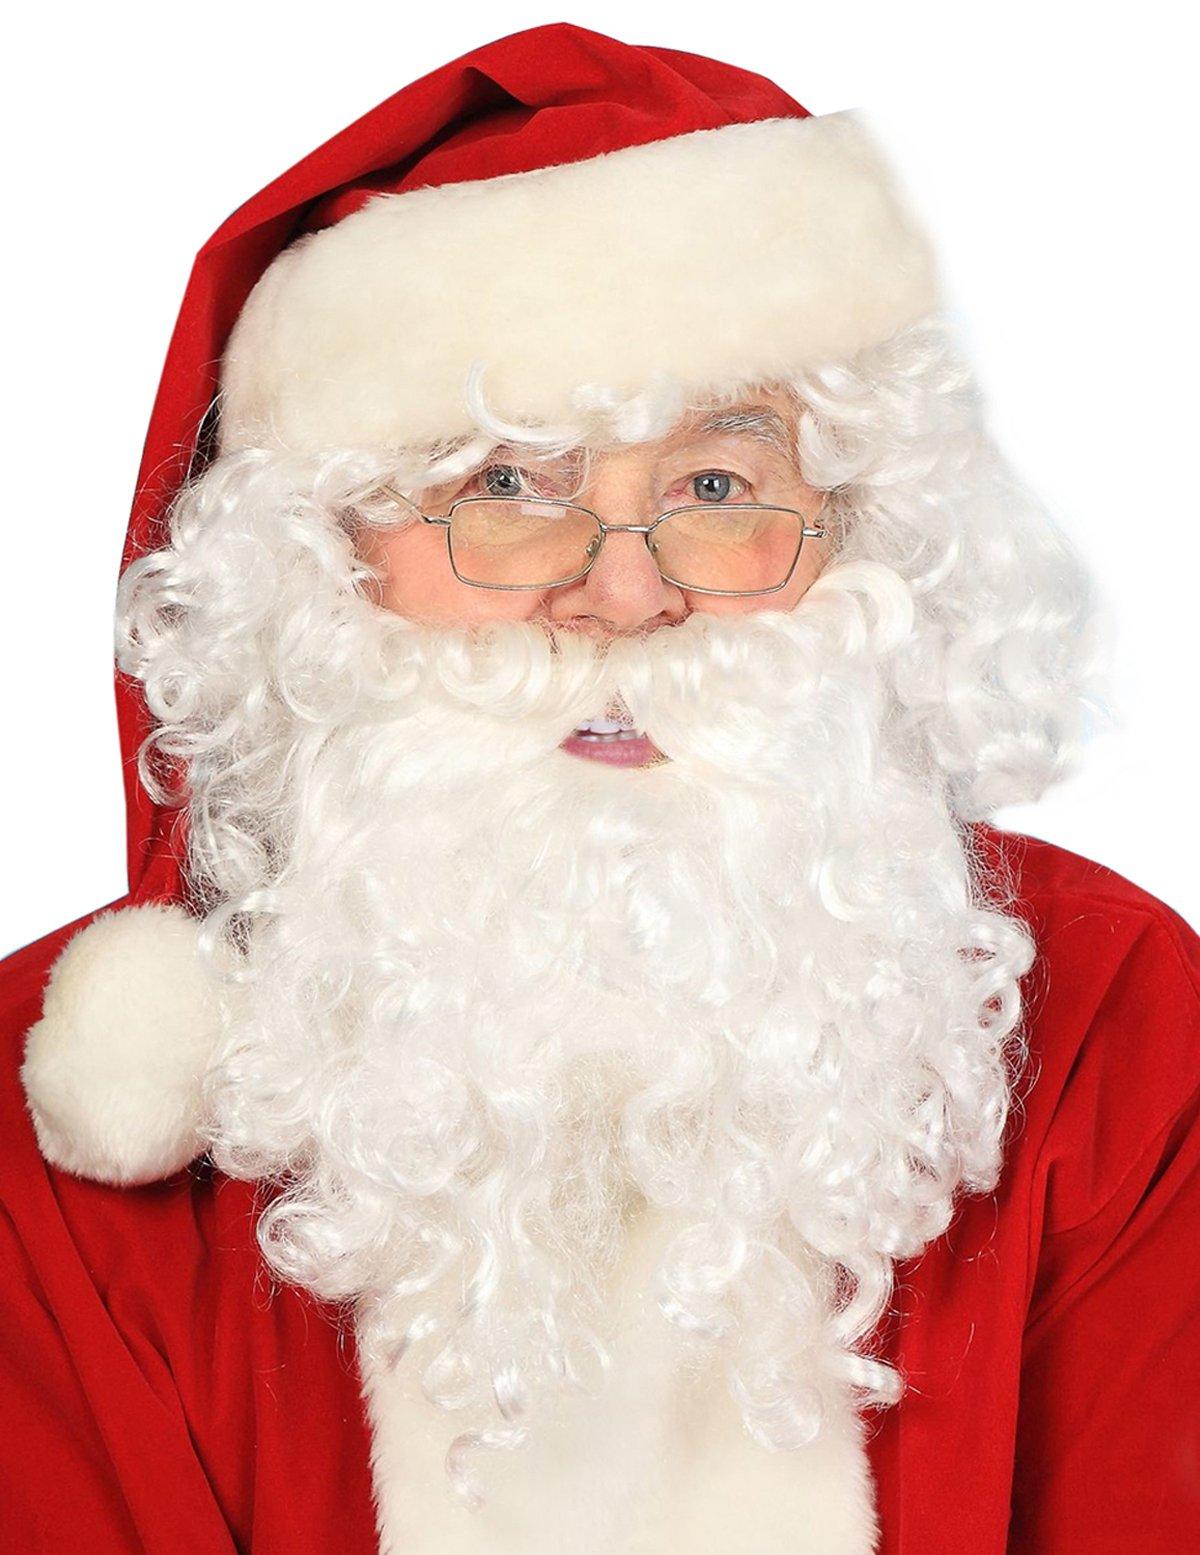 Deluxe Santa Wig and Beard Santa Beard and Wig Set Santas Beard White